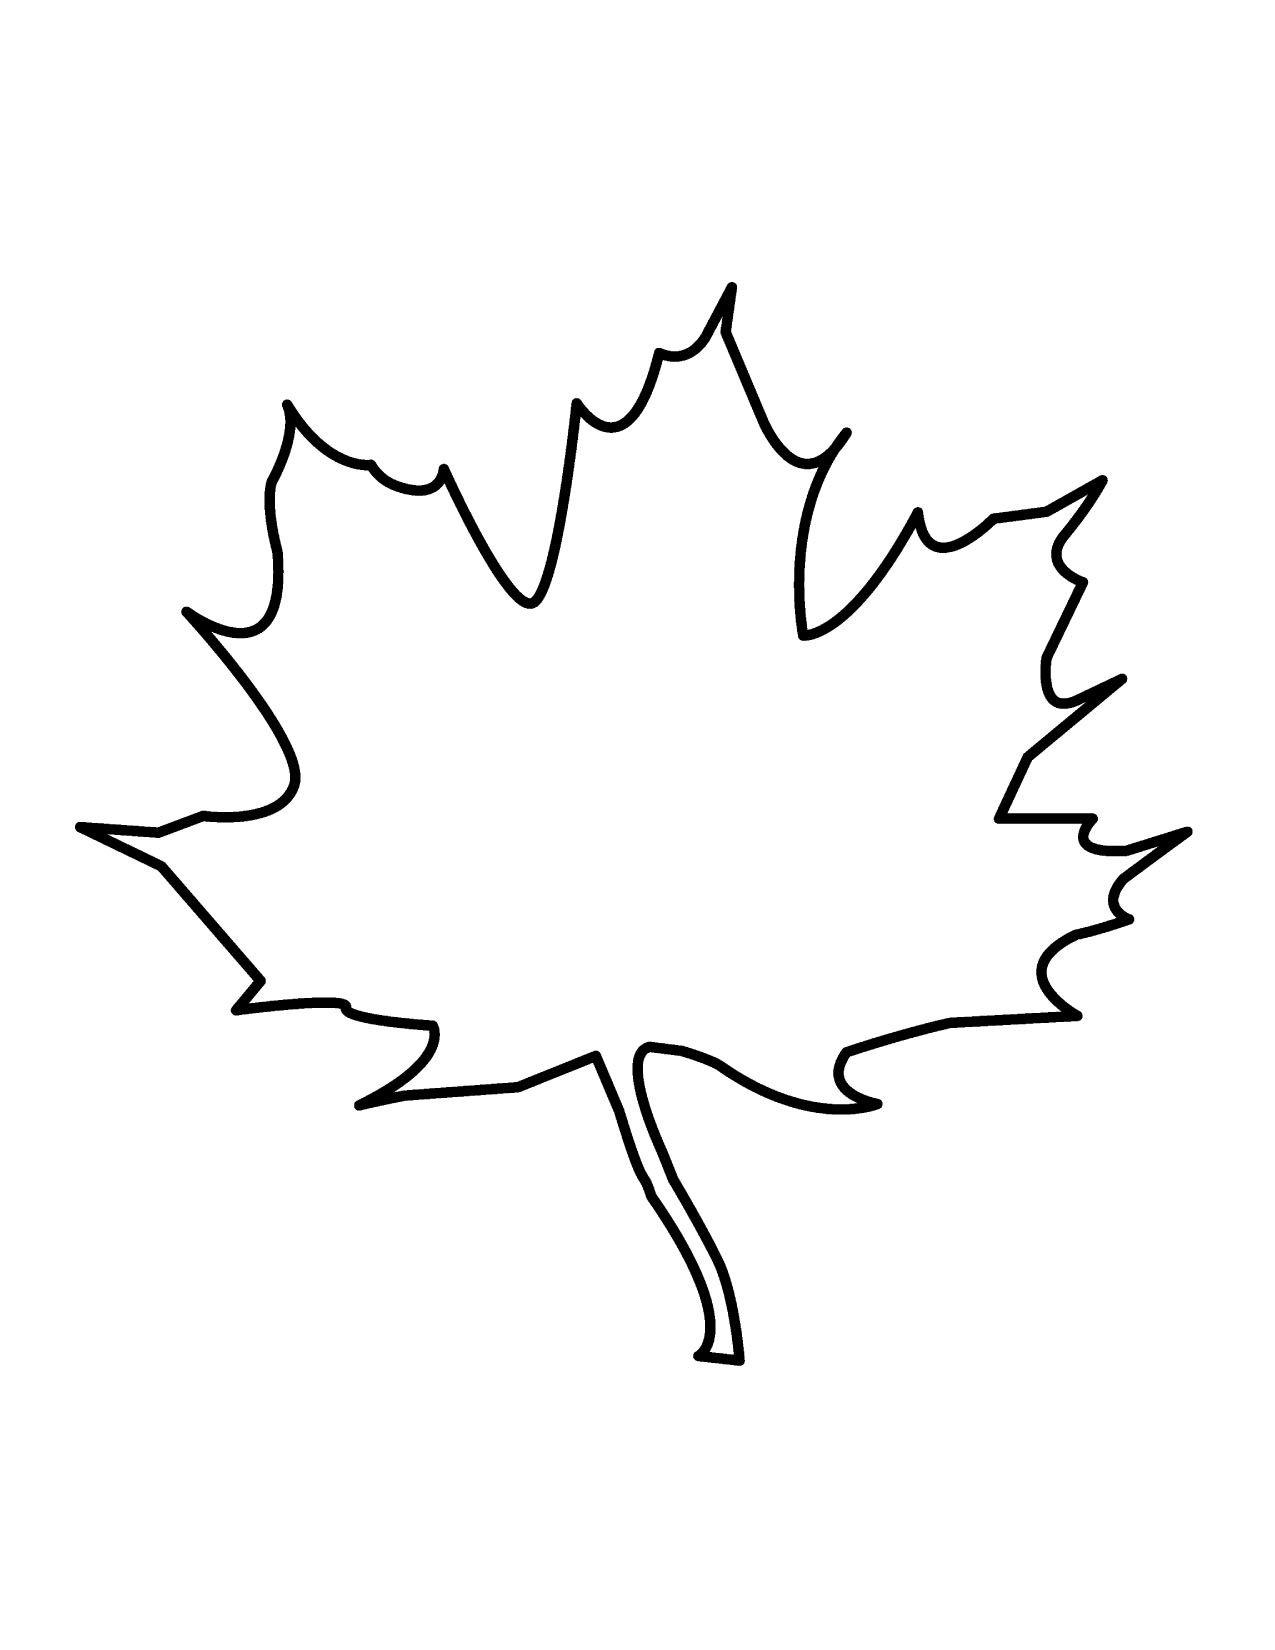 Drawings Of Leaf